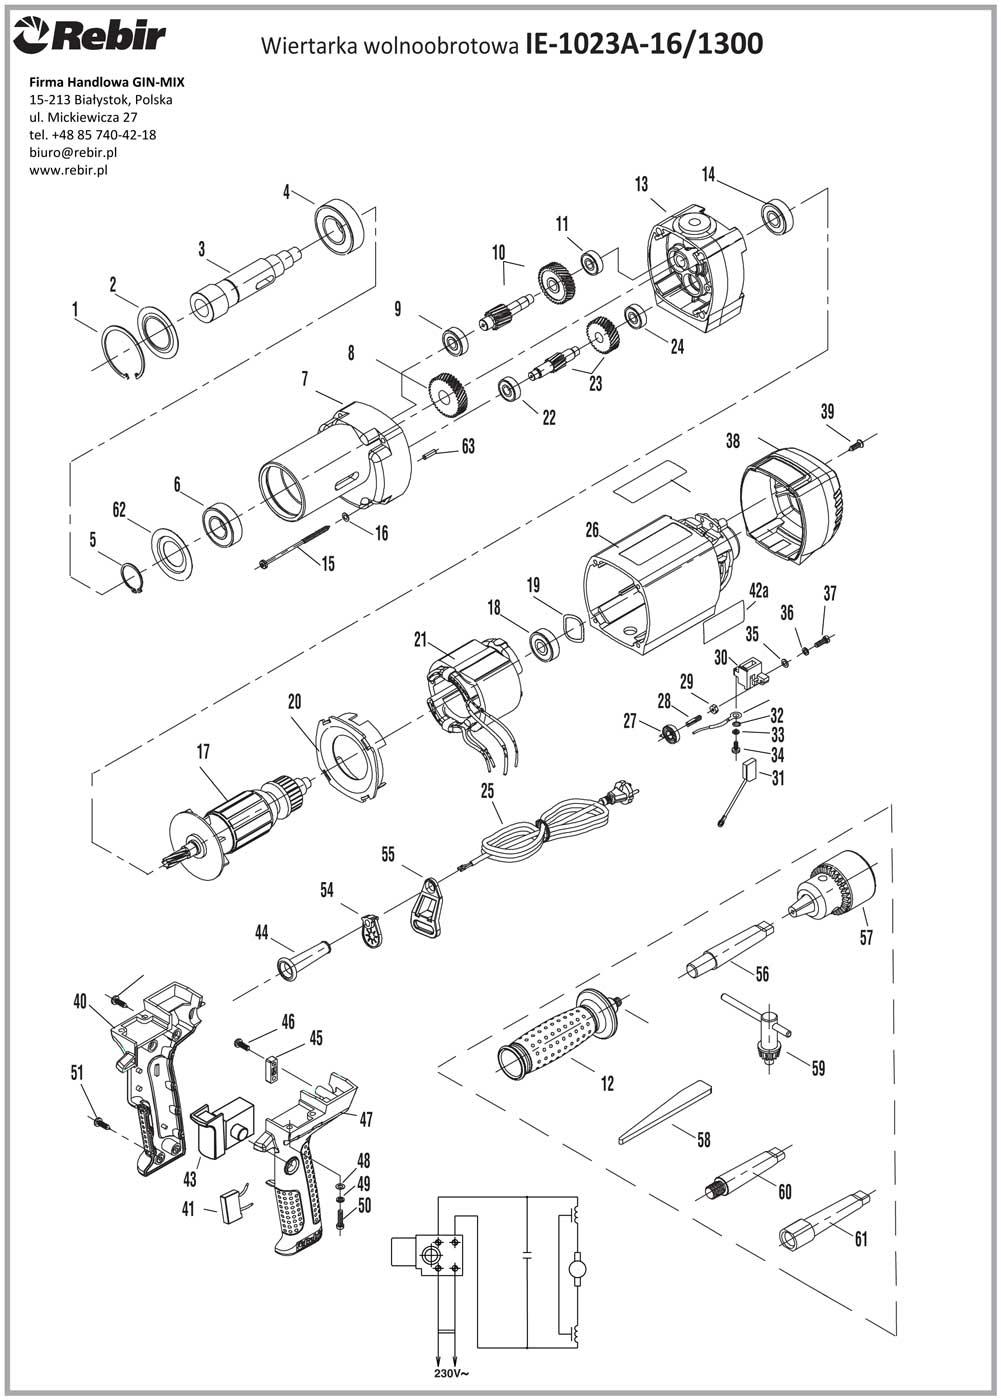 Rysunek techniczny wiertarki IE-1023A